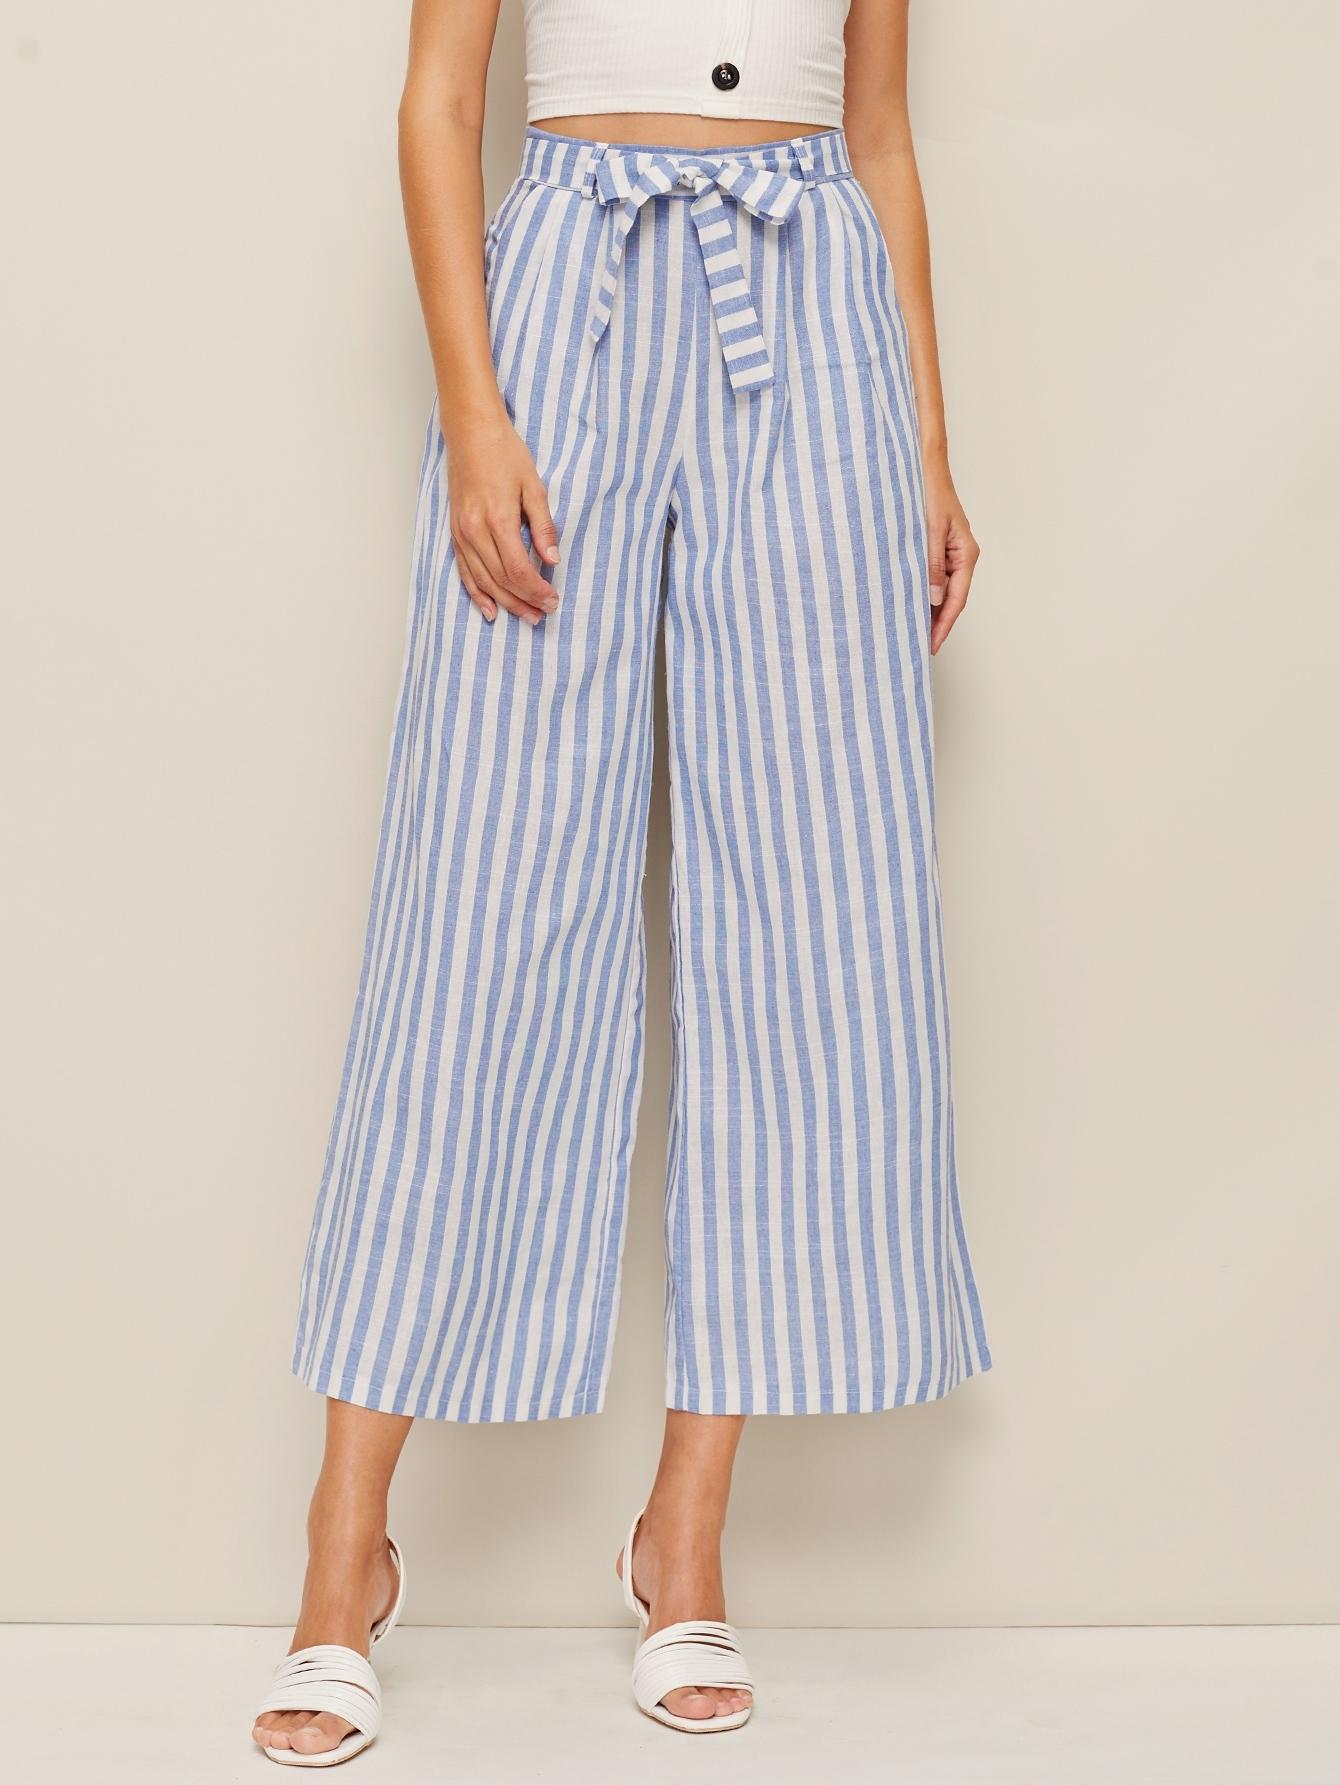 Фото - Полосатые брюки с поясом и молнией сзади от SheIn синего цвета